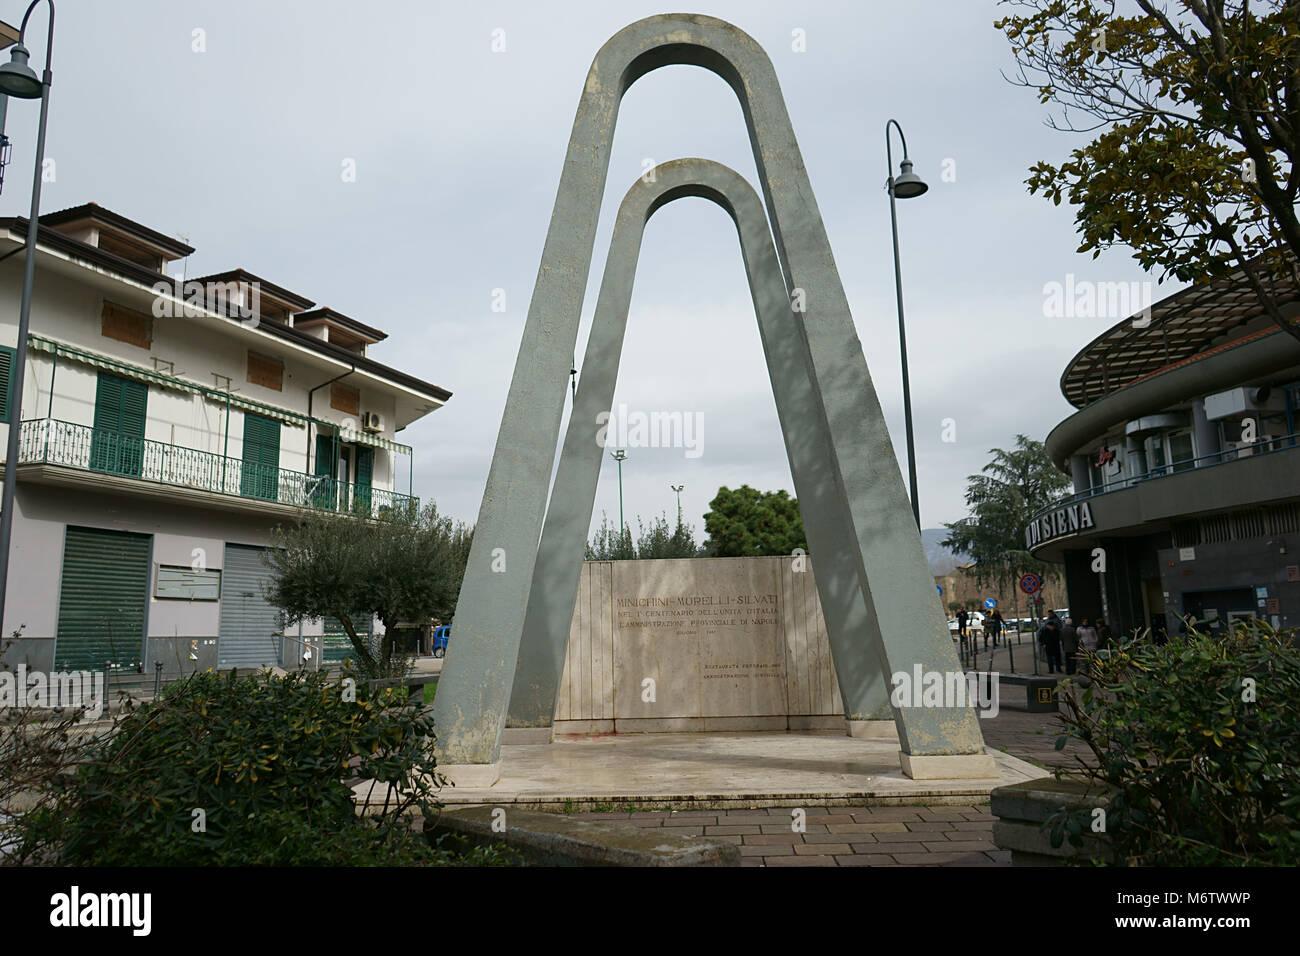 Piazza Guglielmo Marconi - Via Principessa Margherita, Monumento ai caduti sul lavoro, City of Nola, Italy Stock Photo